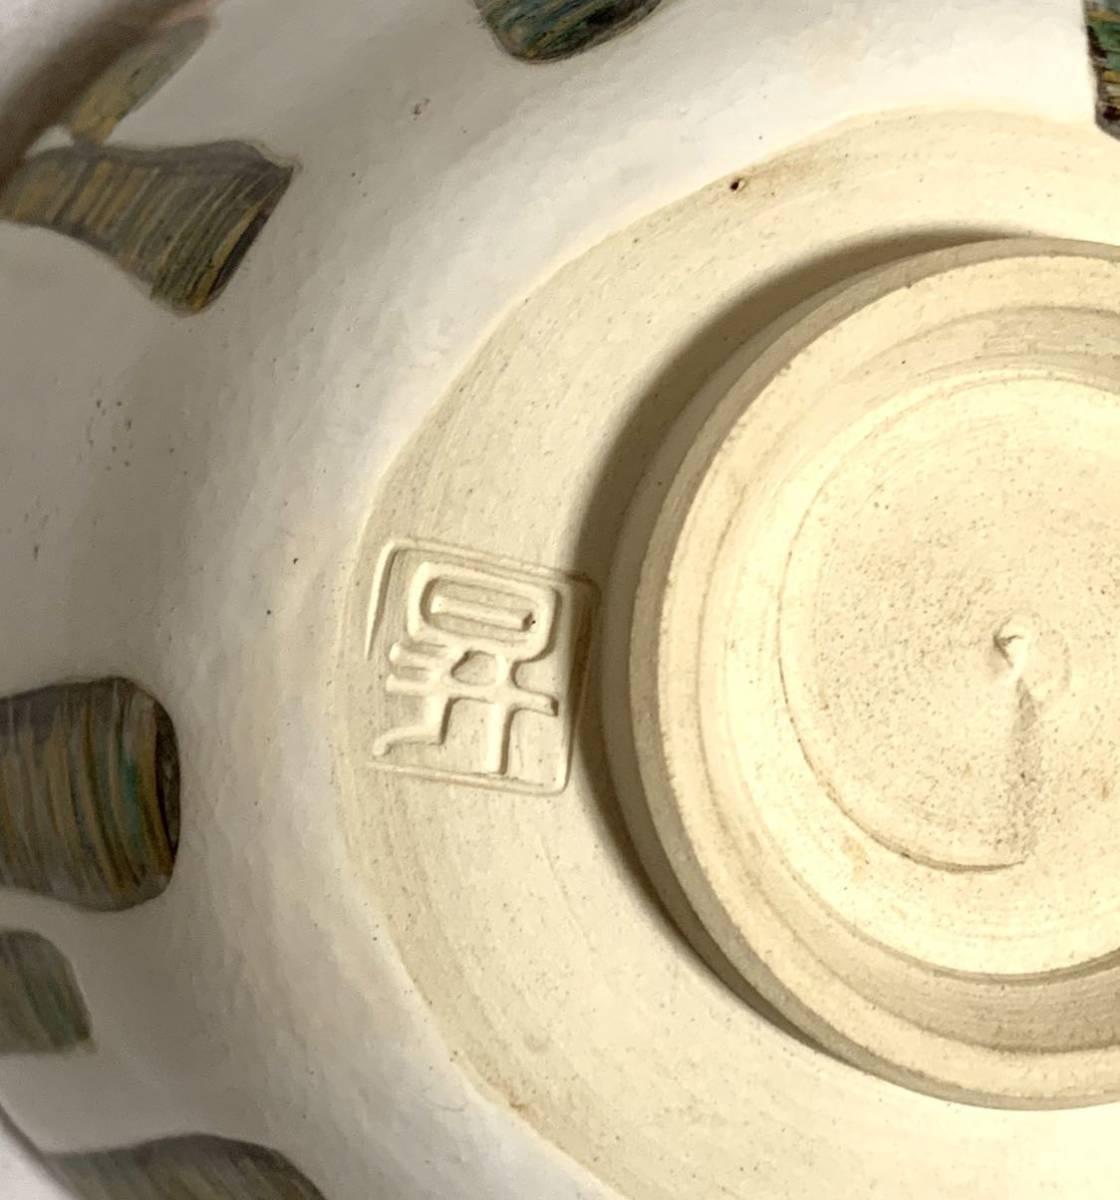 【未使用品】19 茶道具 昇 茶碗 茶道 色絵 お茶 道具 陶器 焼物 京焼 茶器 抹茶碗 骨董 伝統 工芸 作家 陶芸 在銘 華やか 器_画像7